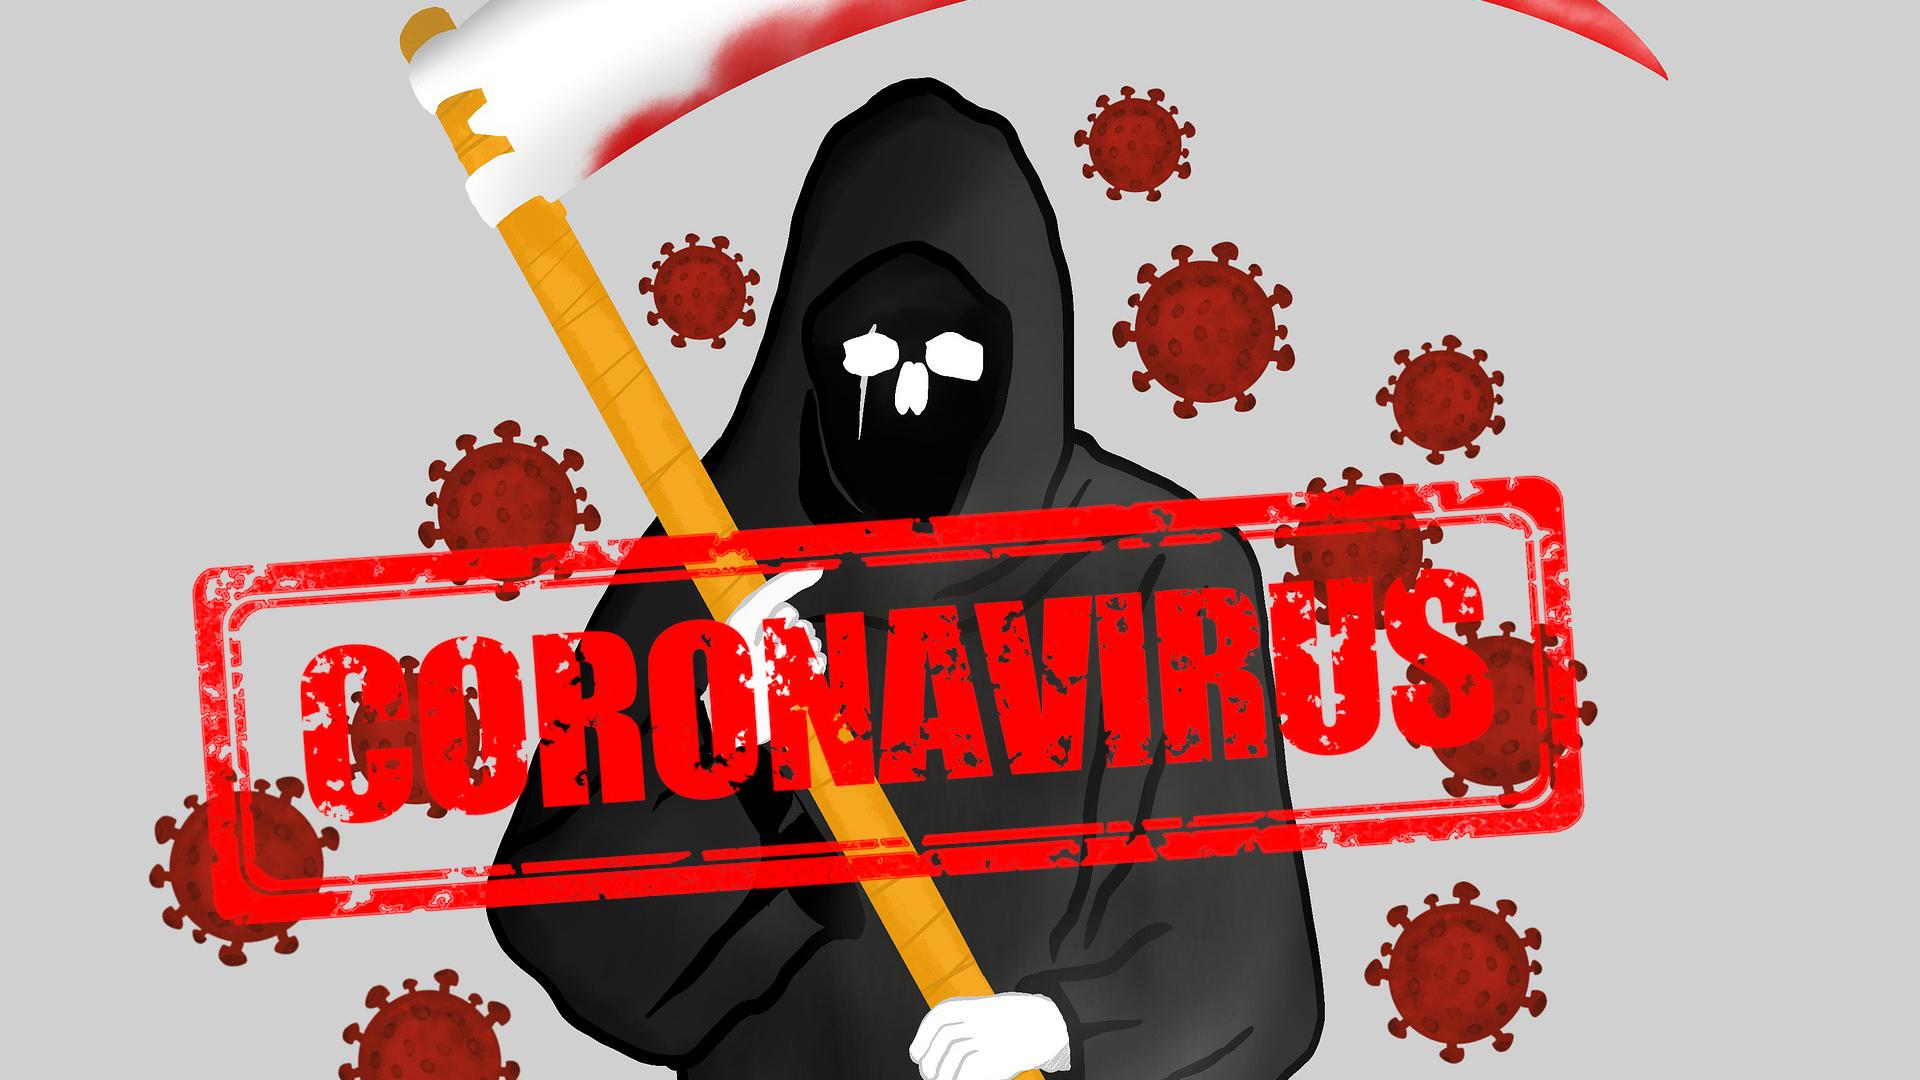 NEVIDLJIVE UBICE: Pandemije su postojale, a biće ih još